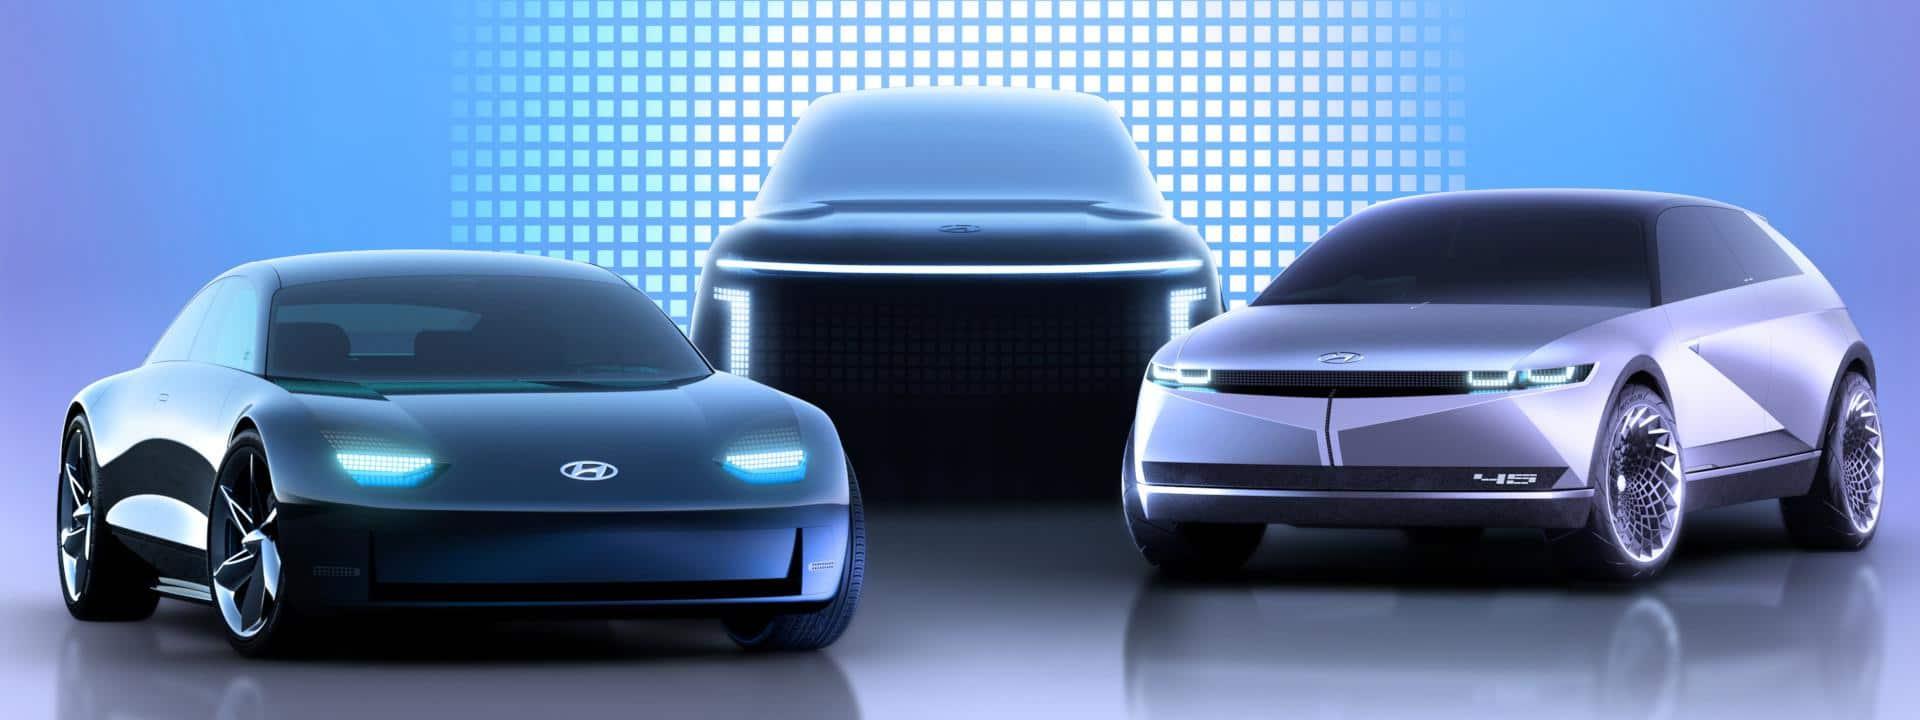 """Hyundai: Wandel zur E-Mobilität für Händler und Werkstätten """"kein Grund zur Panik"""""""